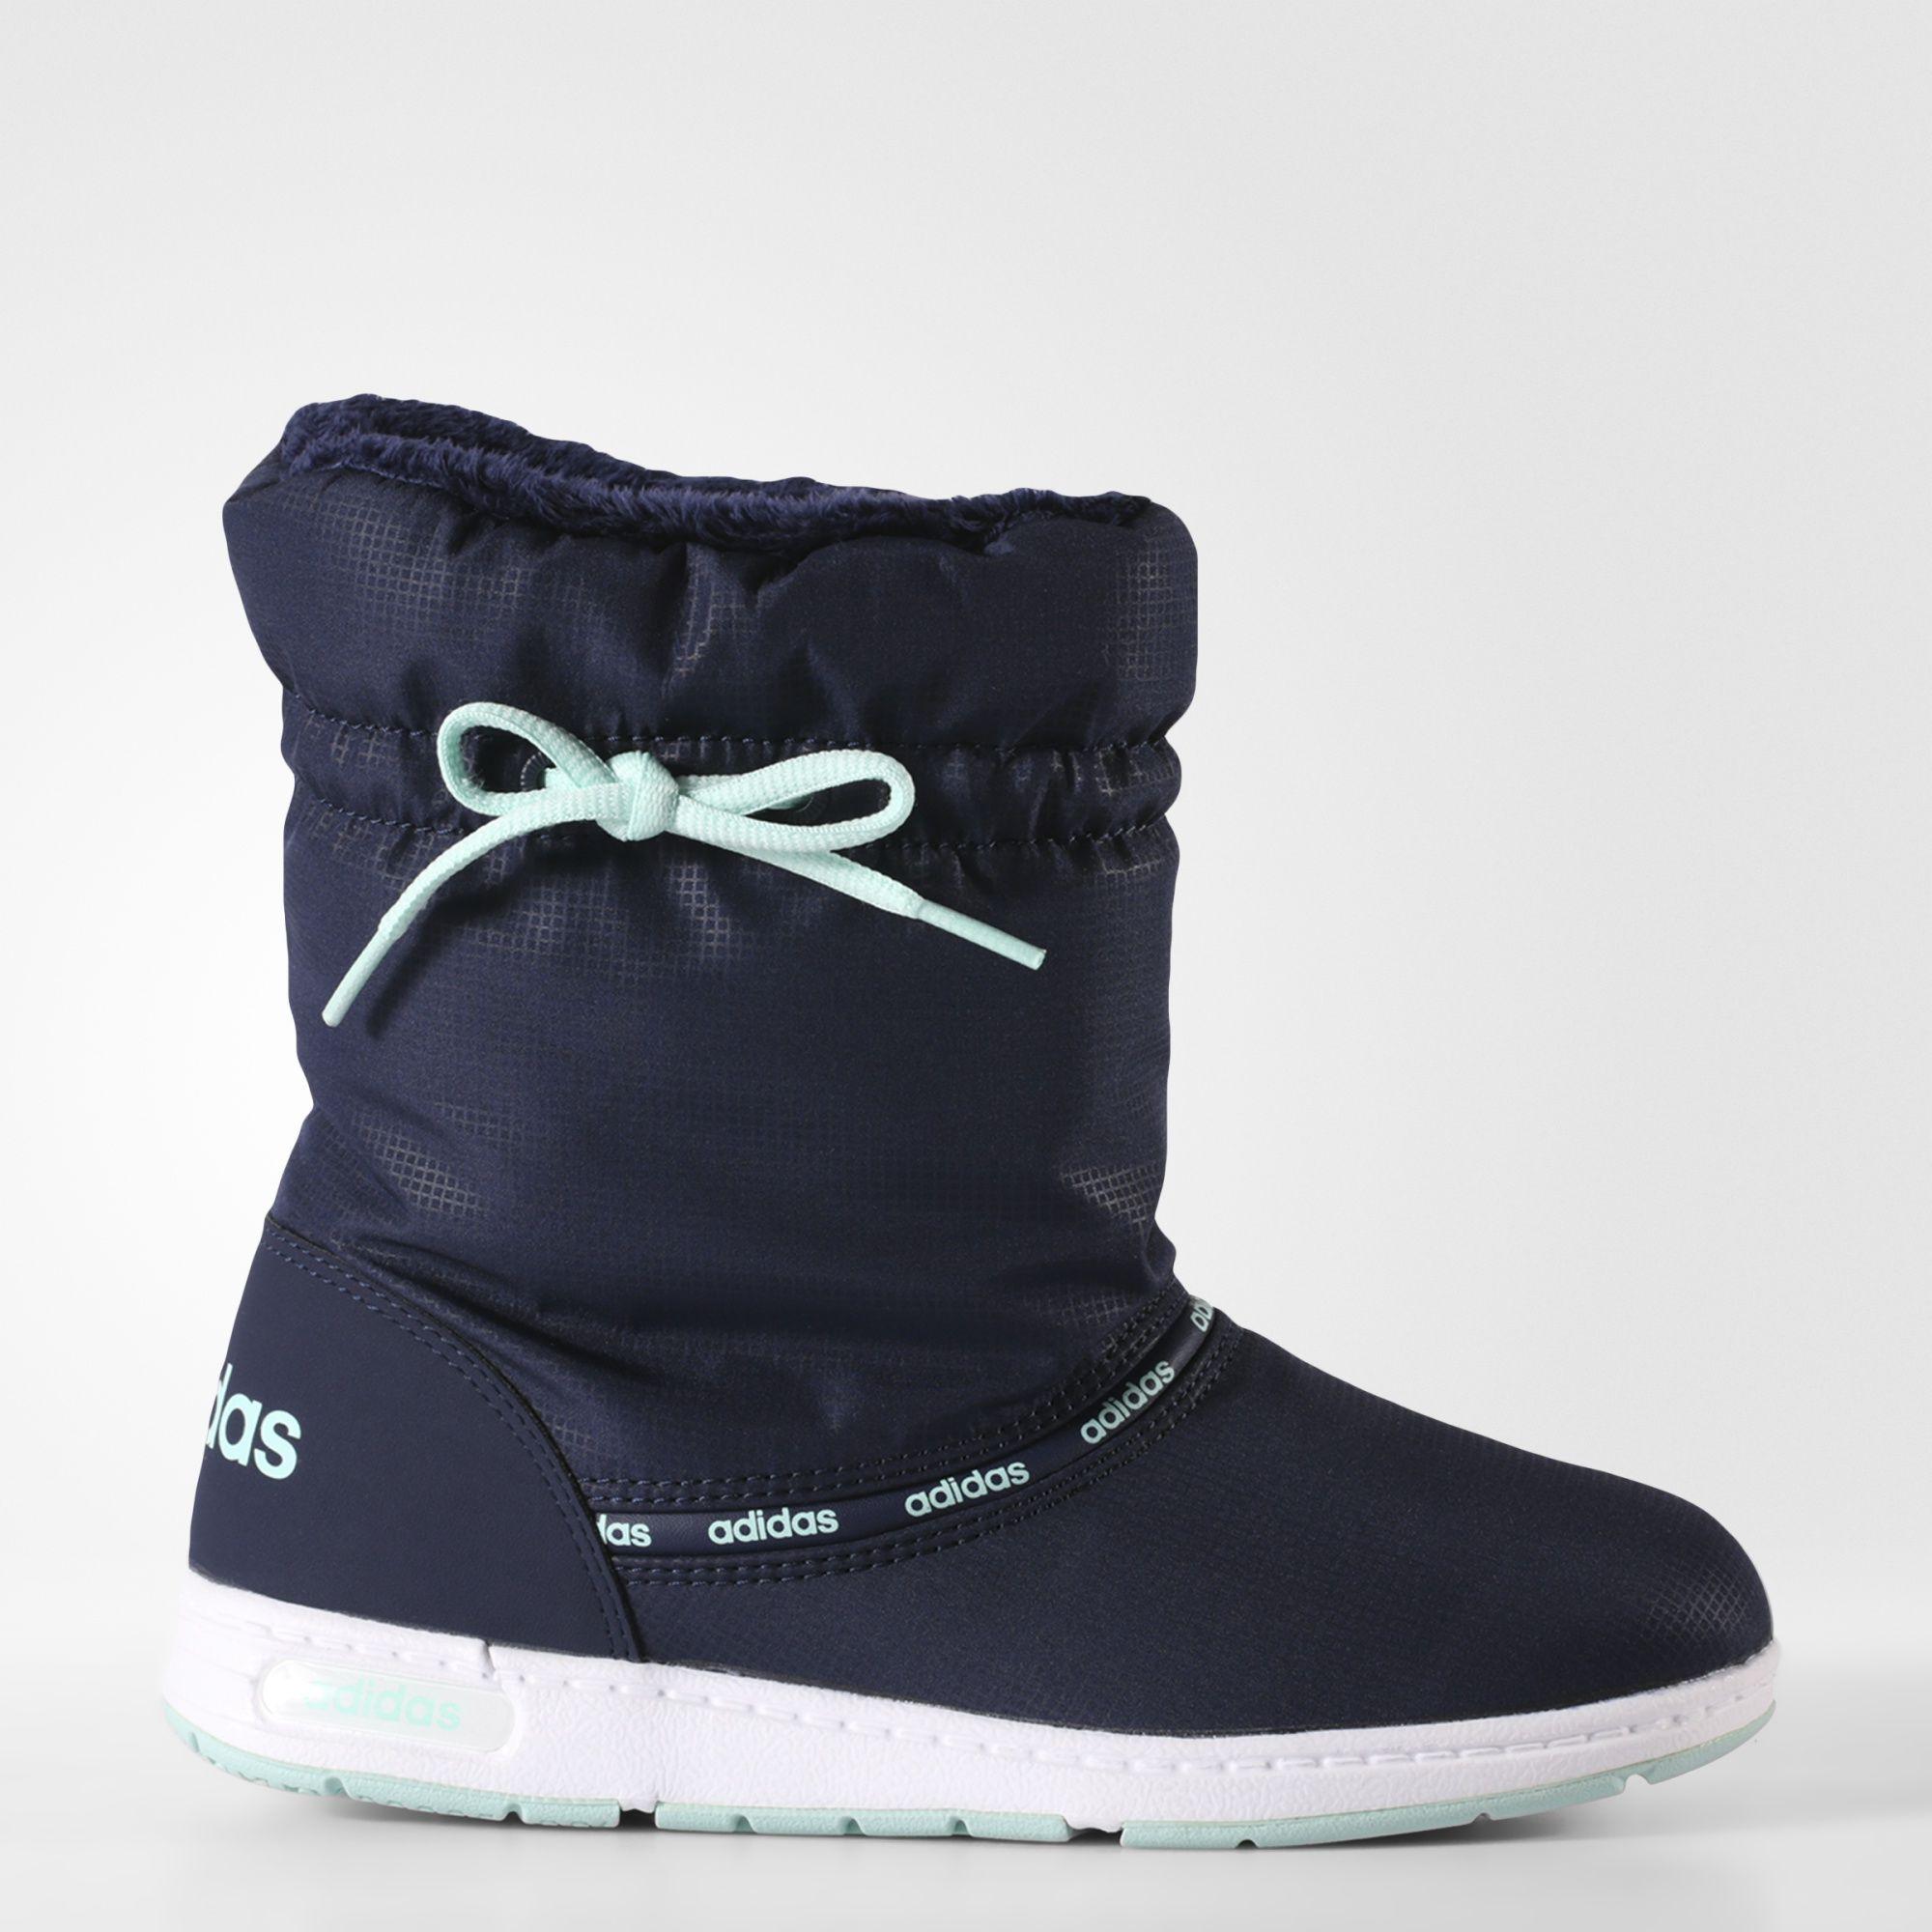 6278e07b18be Зимние сапоги Warm comfort W AW4292 adidas Neo - Украина   ONETEAM.COM.UA